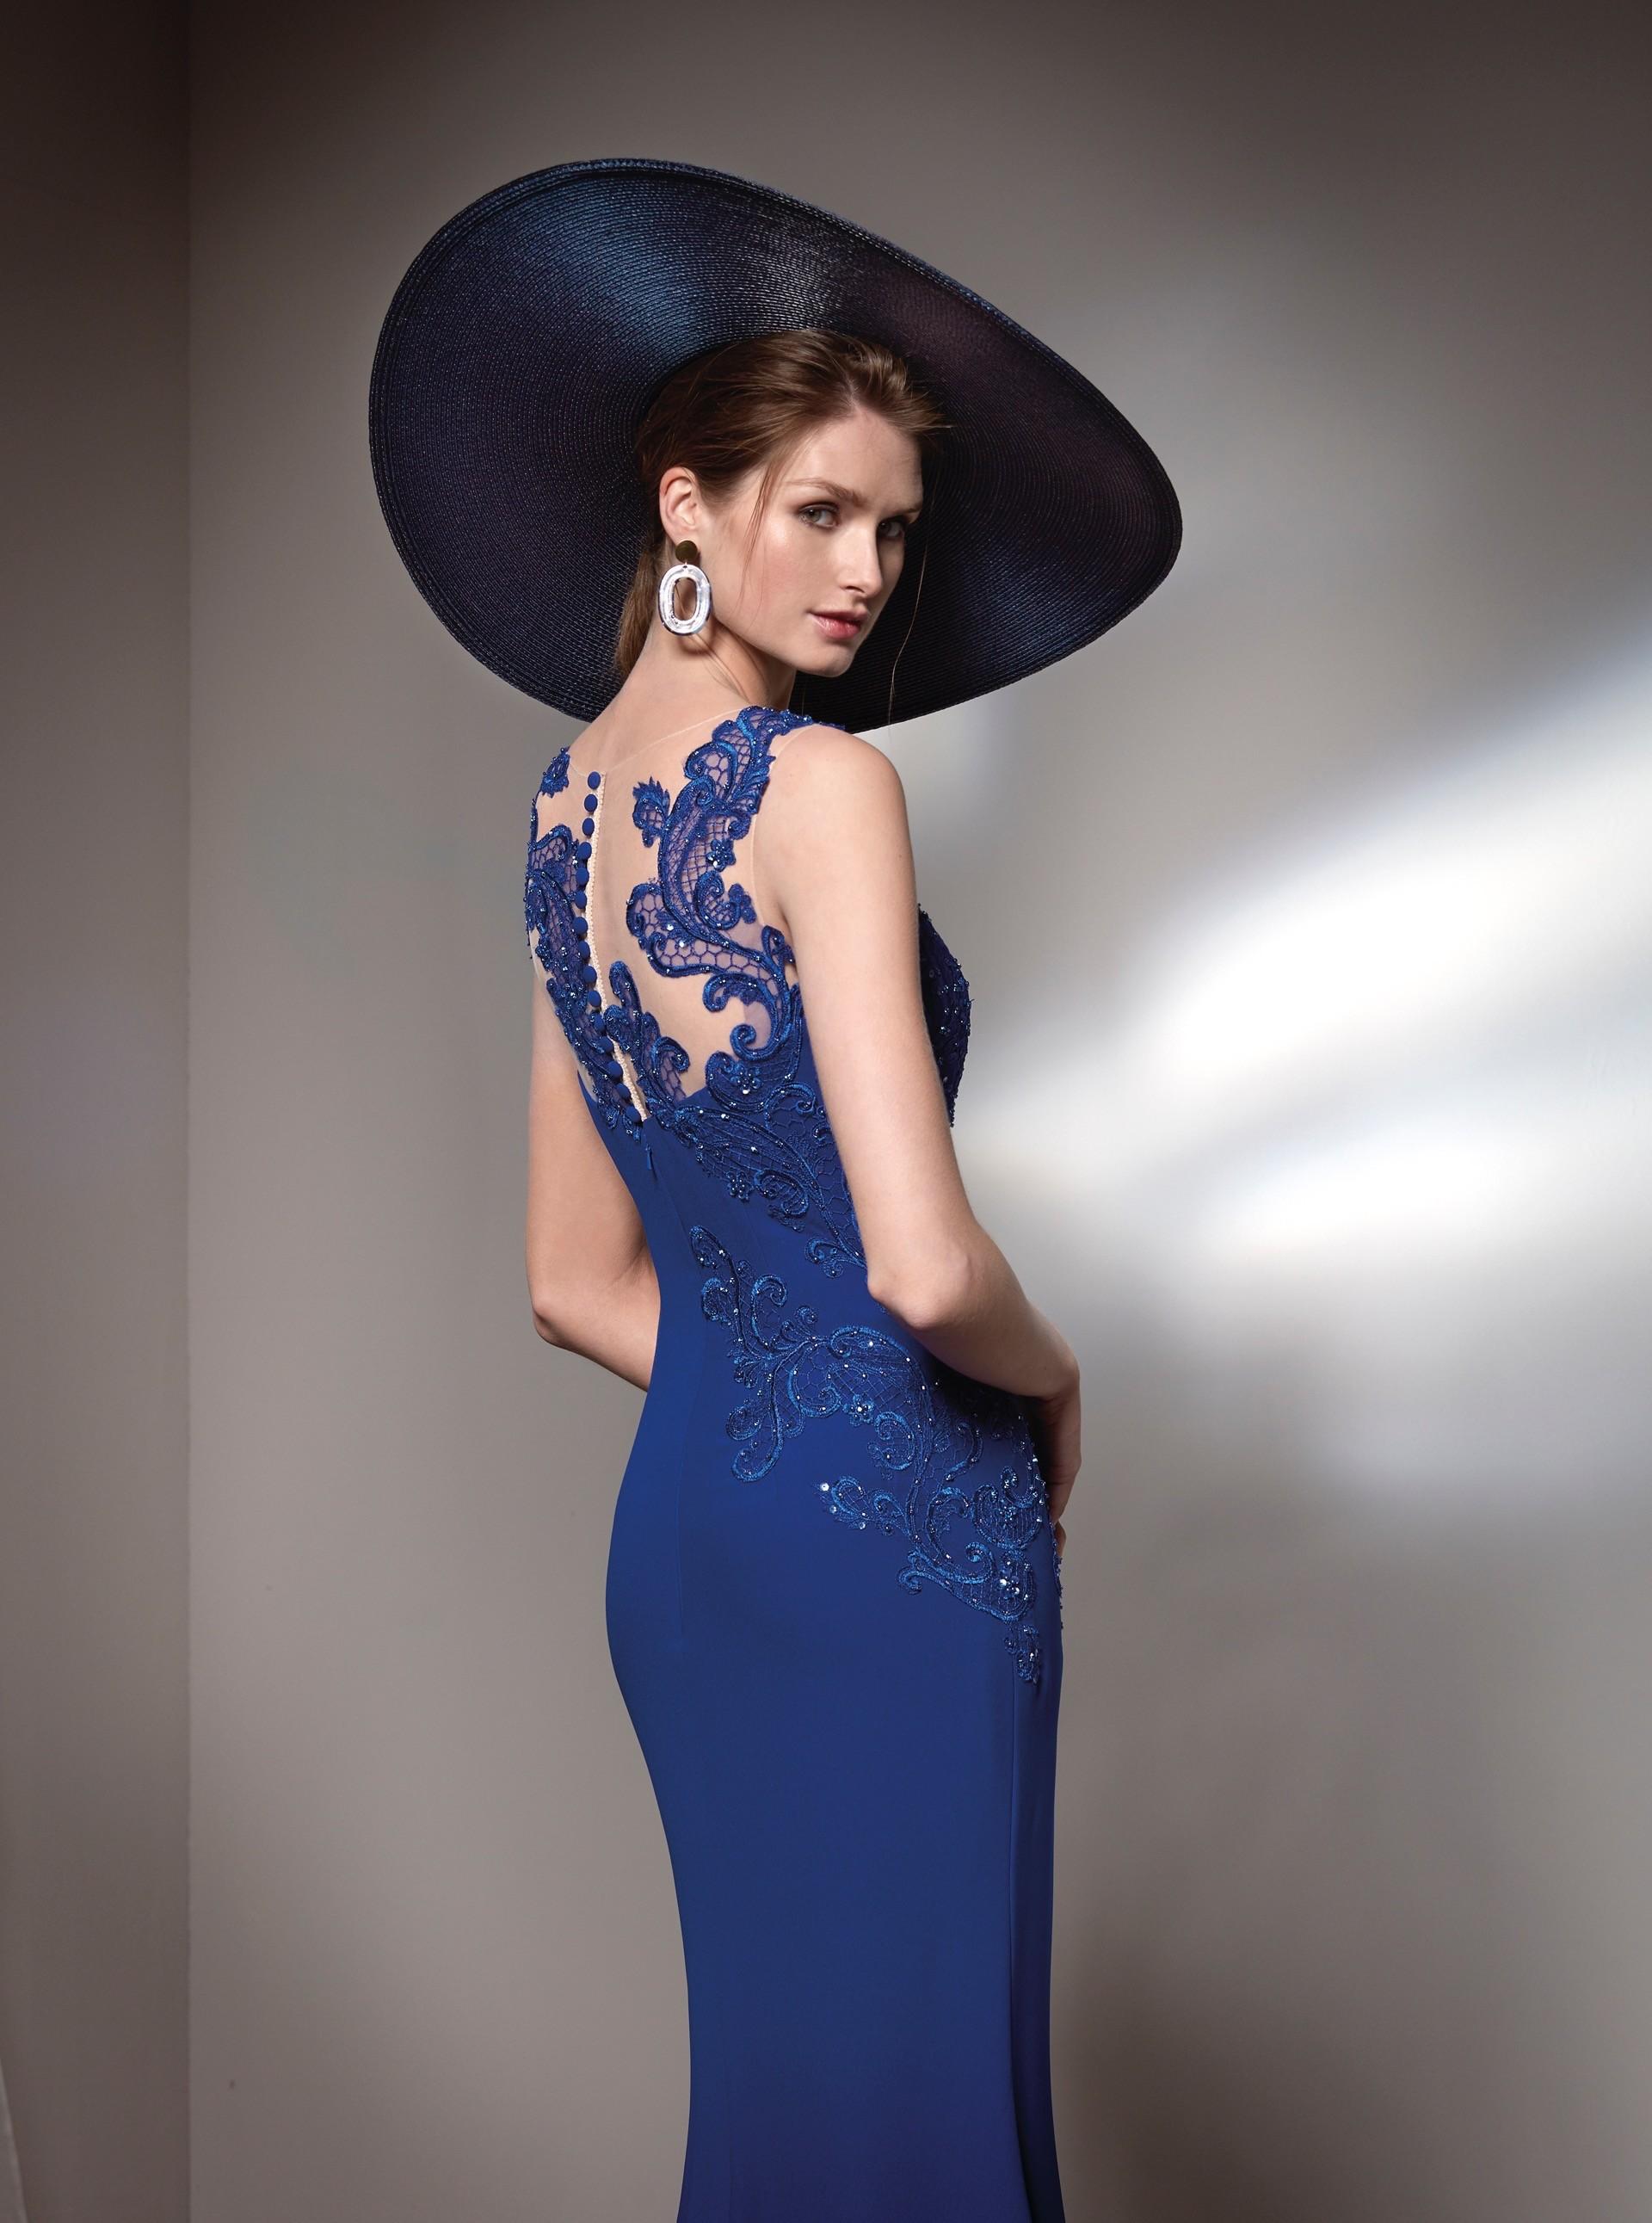 Langes Kleid mit Bleinschlitz und Strassapplikationen von Fara